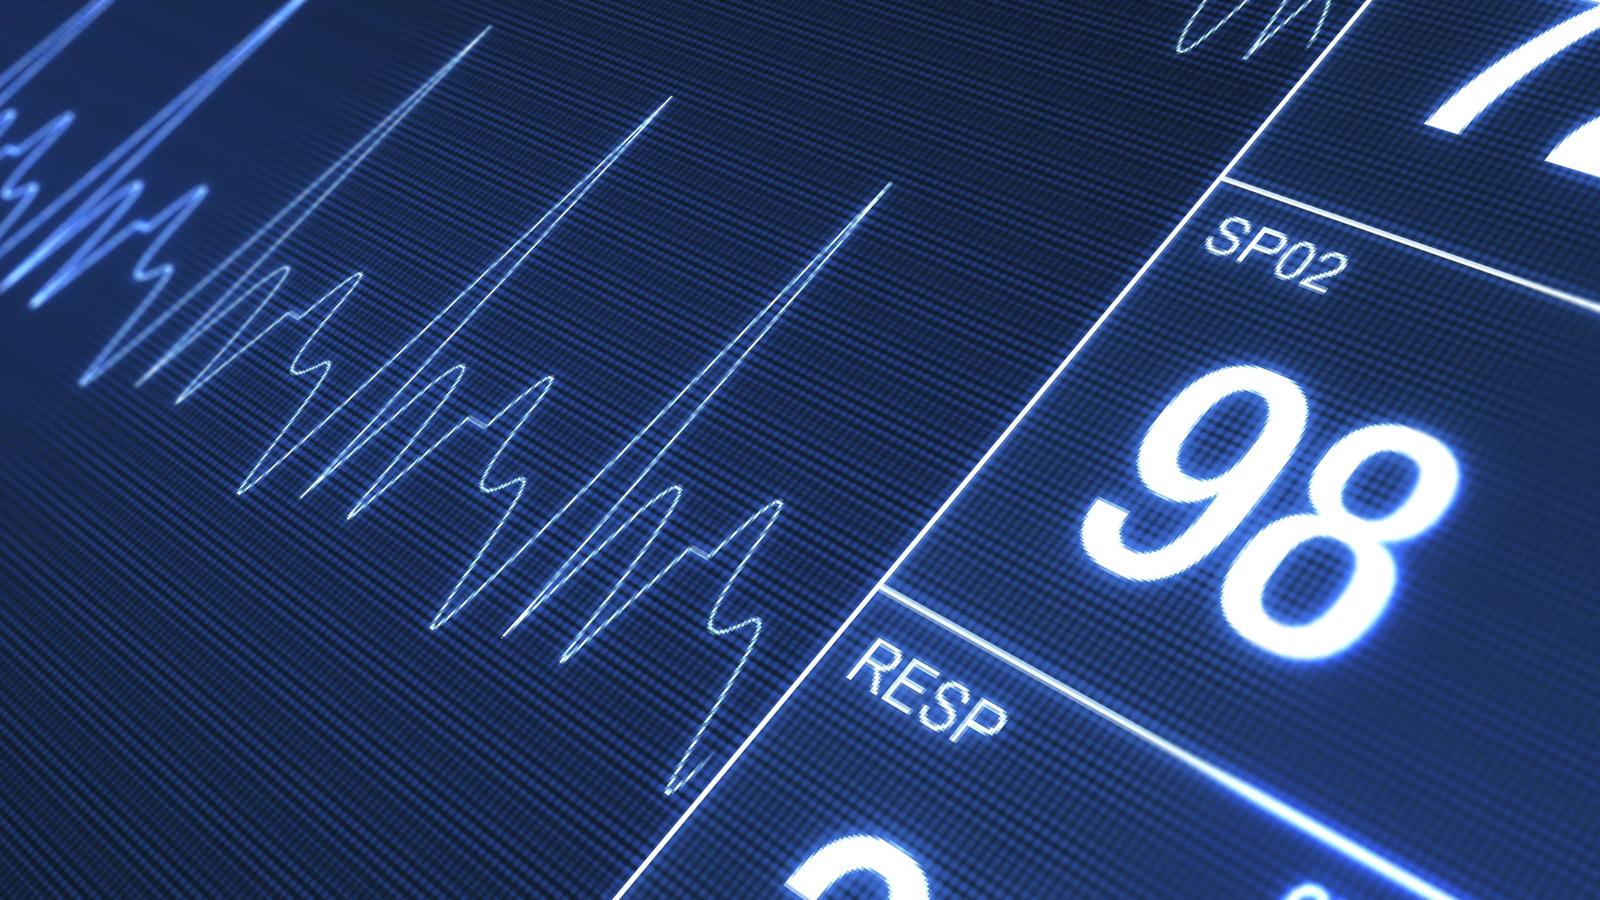 Coração: manter o ritmo saudável